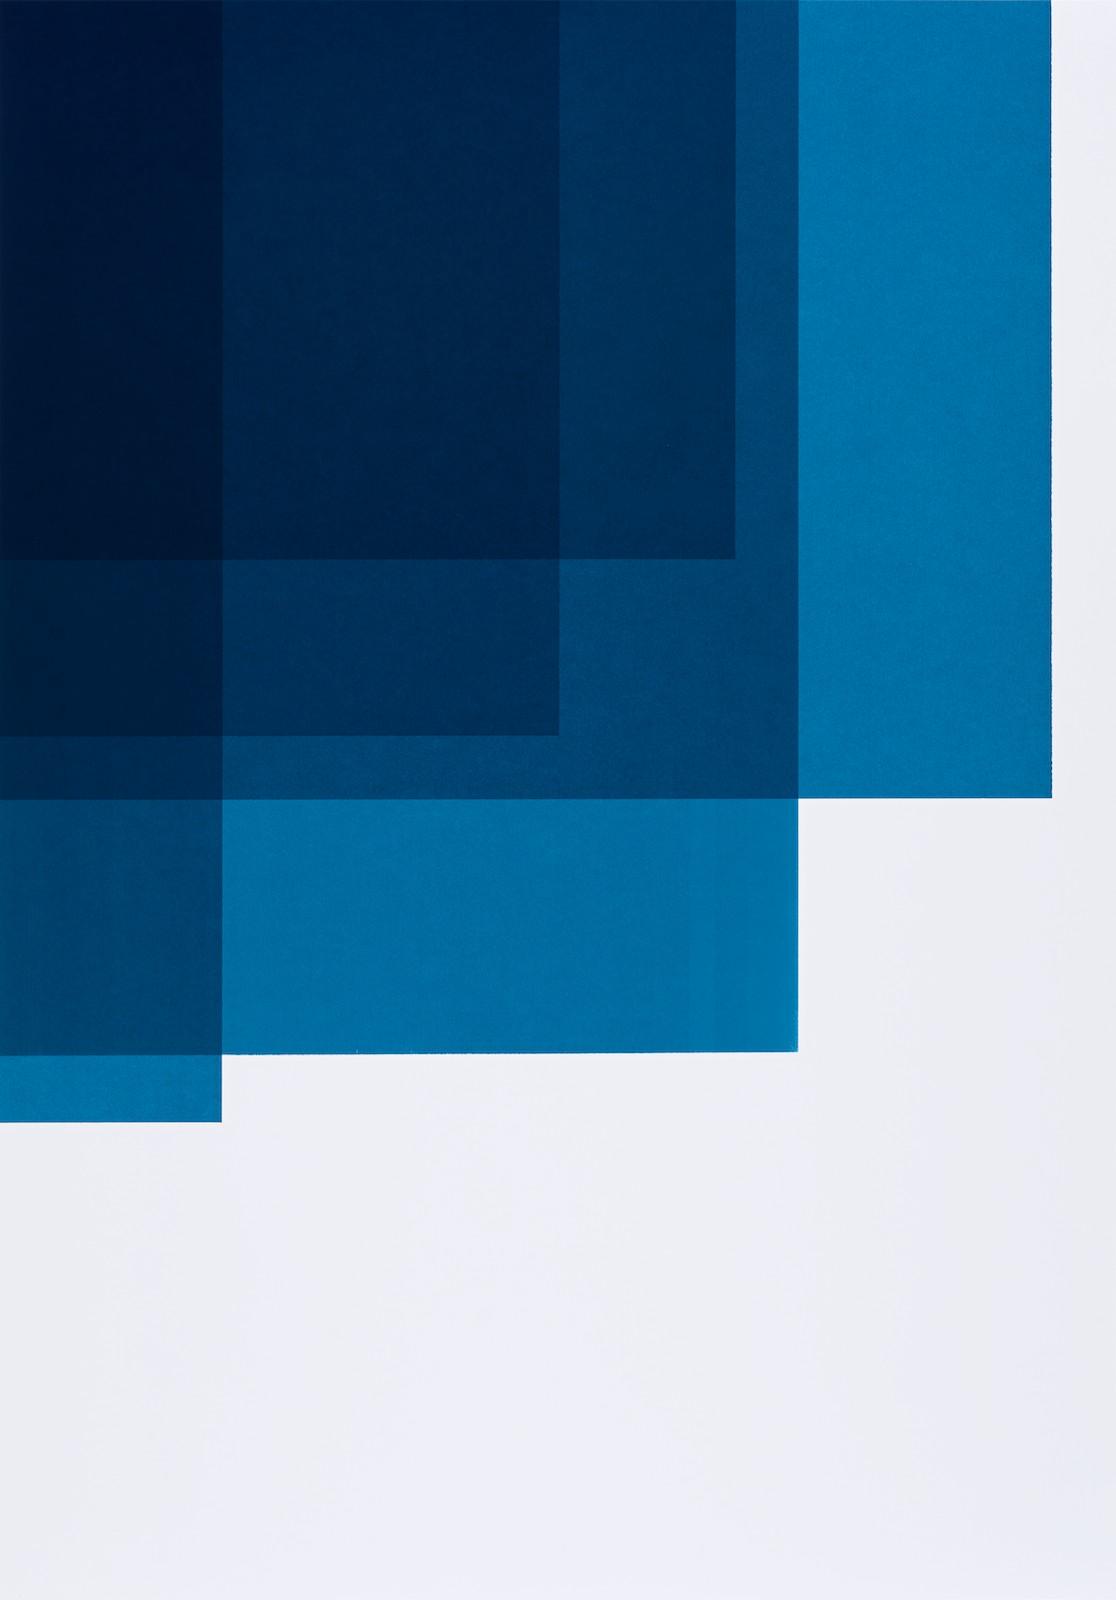 Collecting Colors (Indigo II), 2016, silkscreen print, 100 x 70 cm, Ed. 4